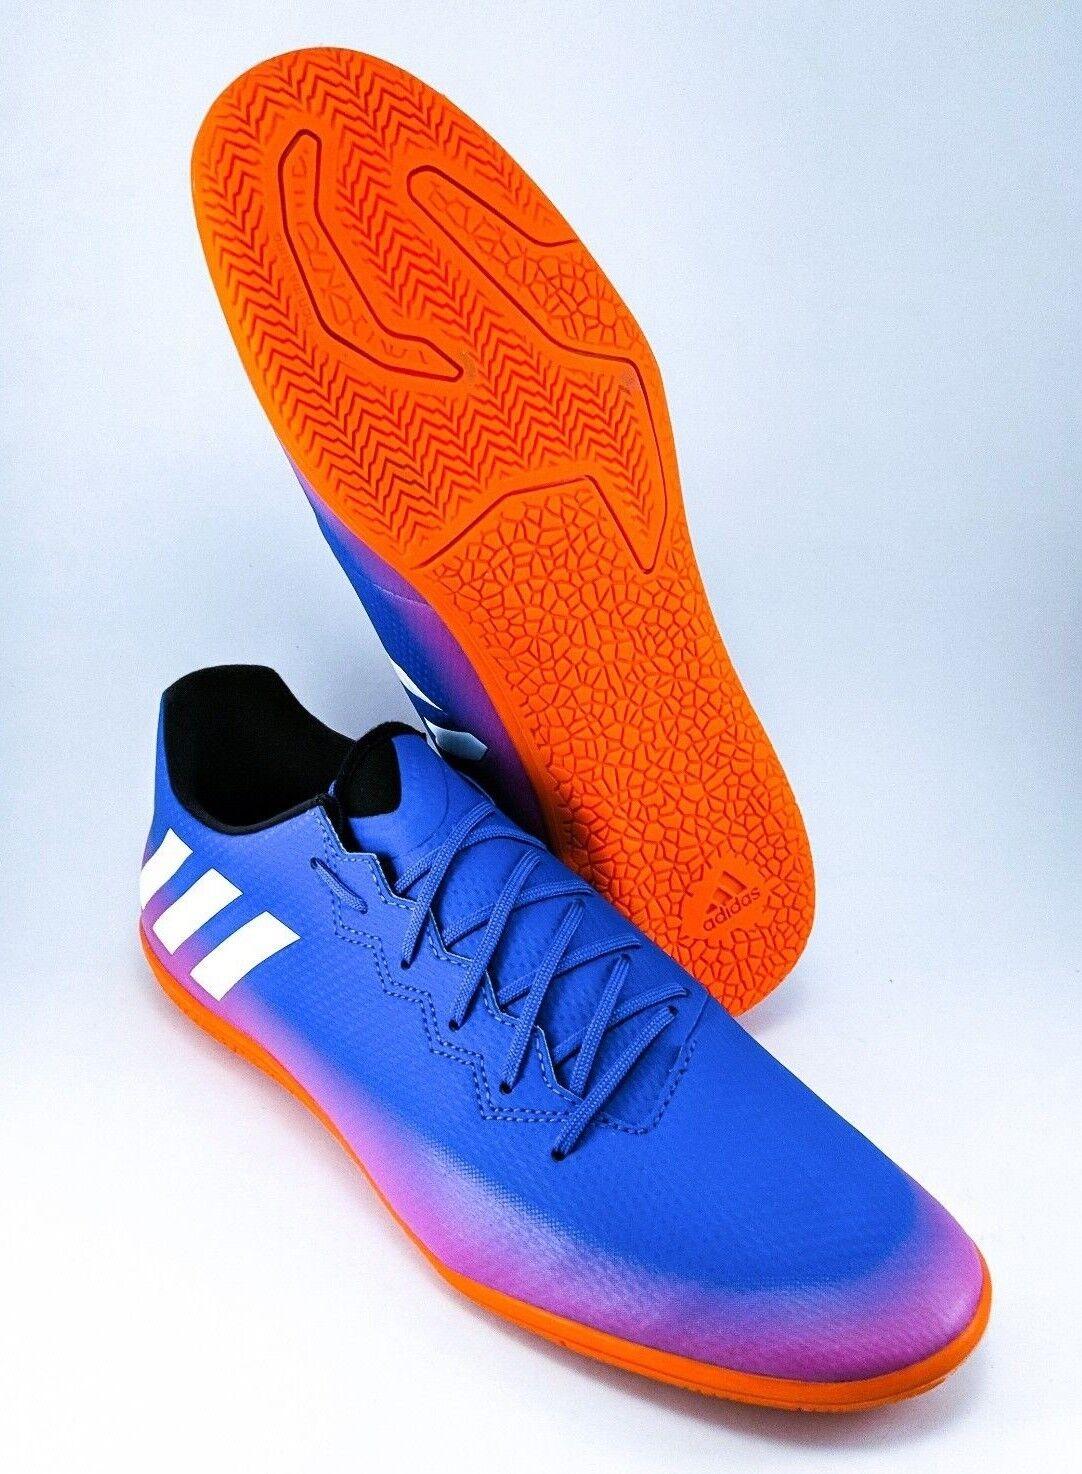 adidas schuhe messi - fußball - schuhe adidas bei 16,3 ba9018 größe 11,5 bis 13 freie priorität a69ead